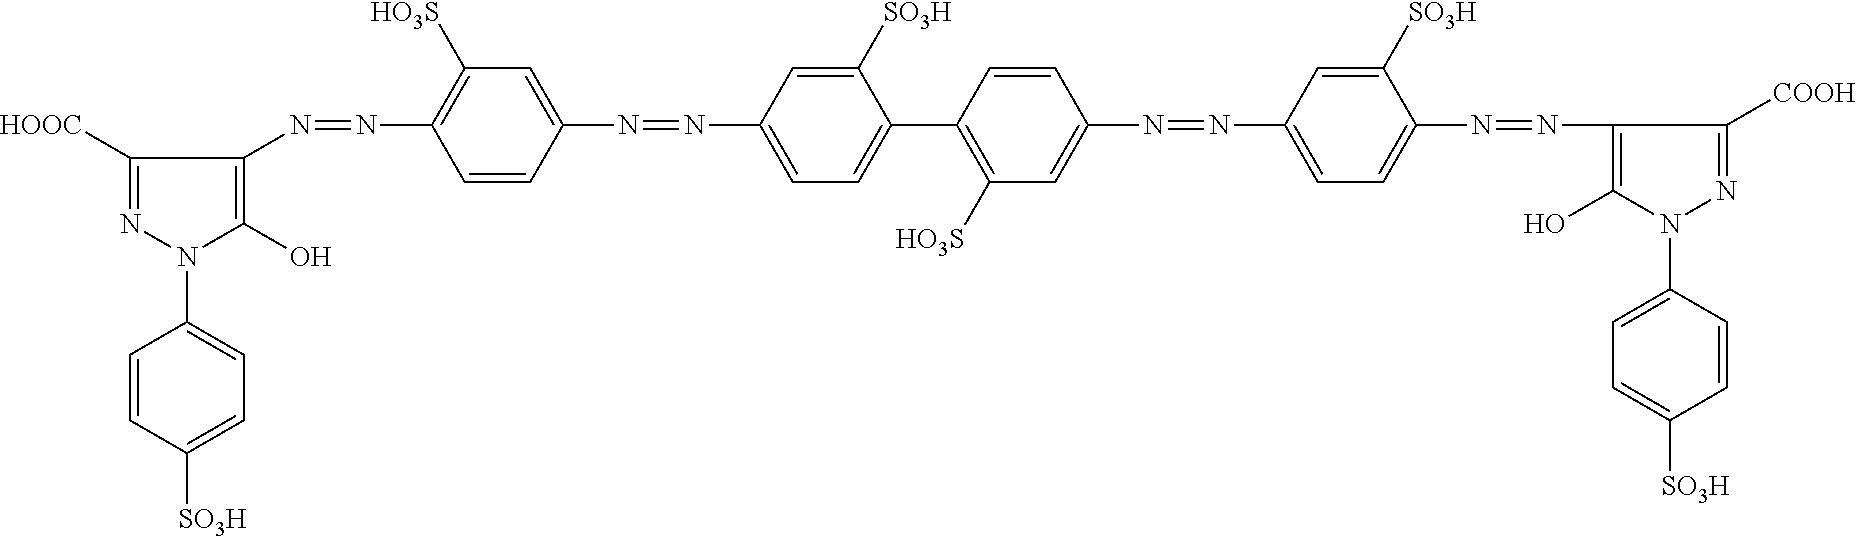 Figure US08734532-20140527-C00034